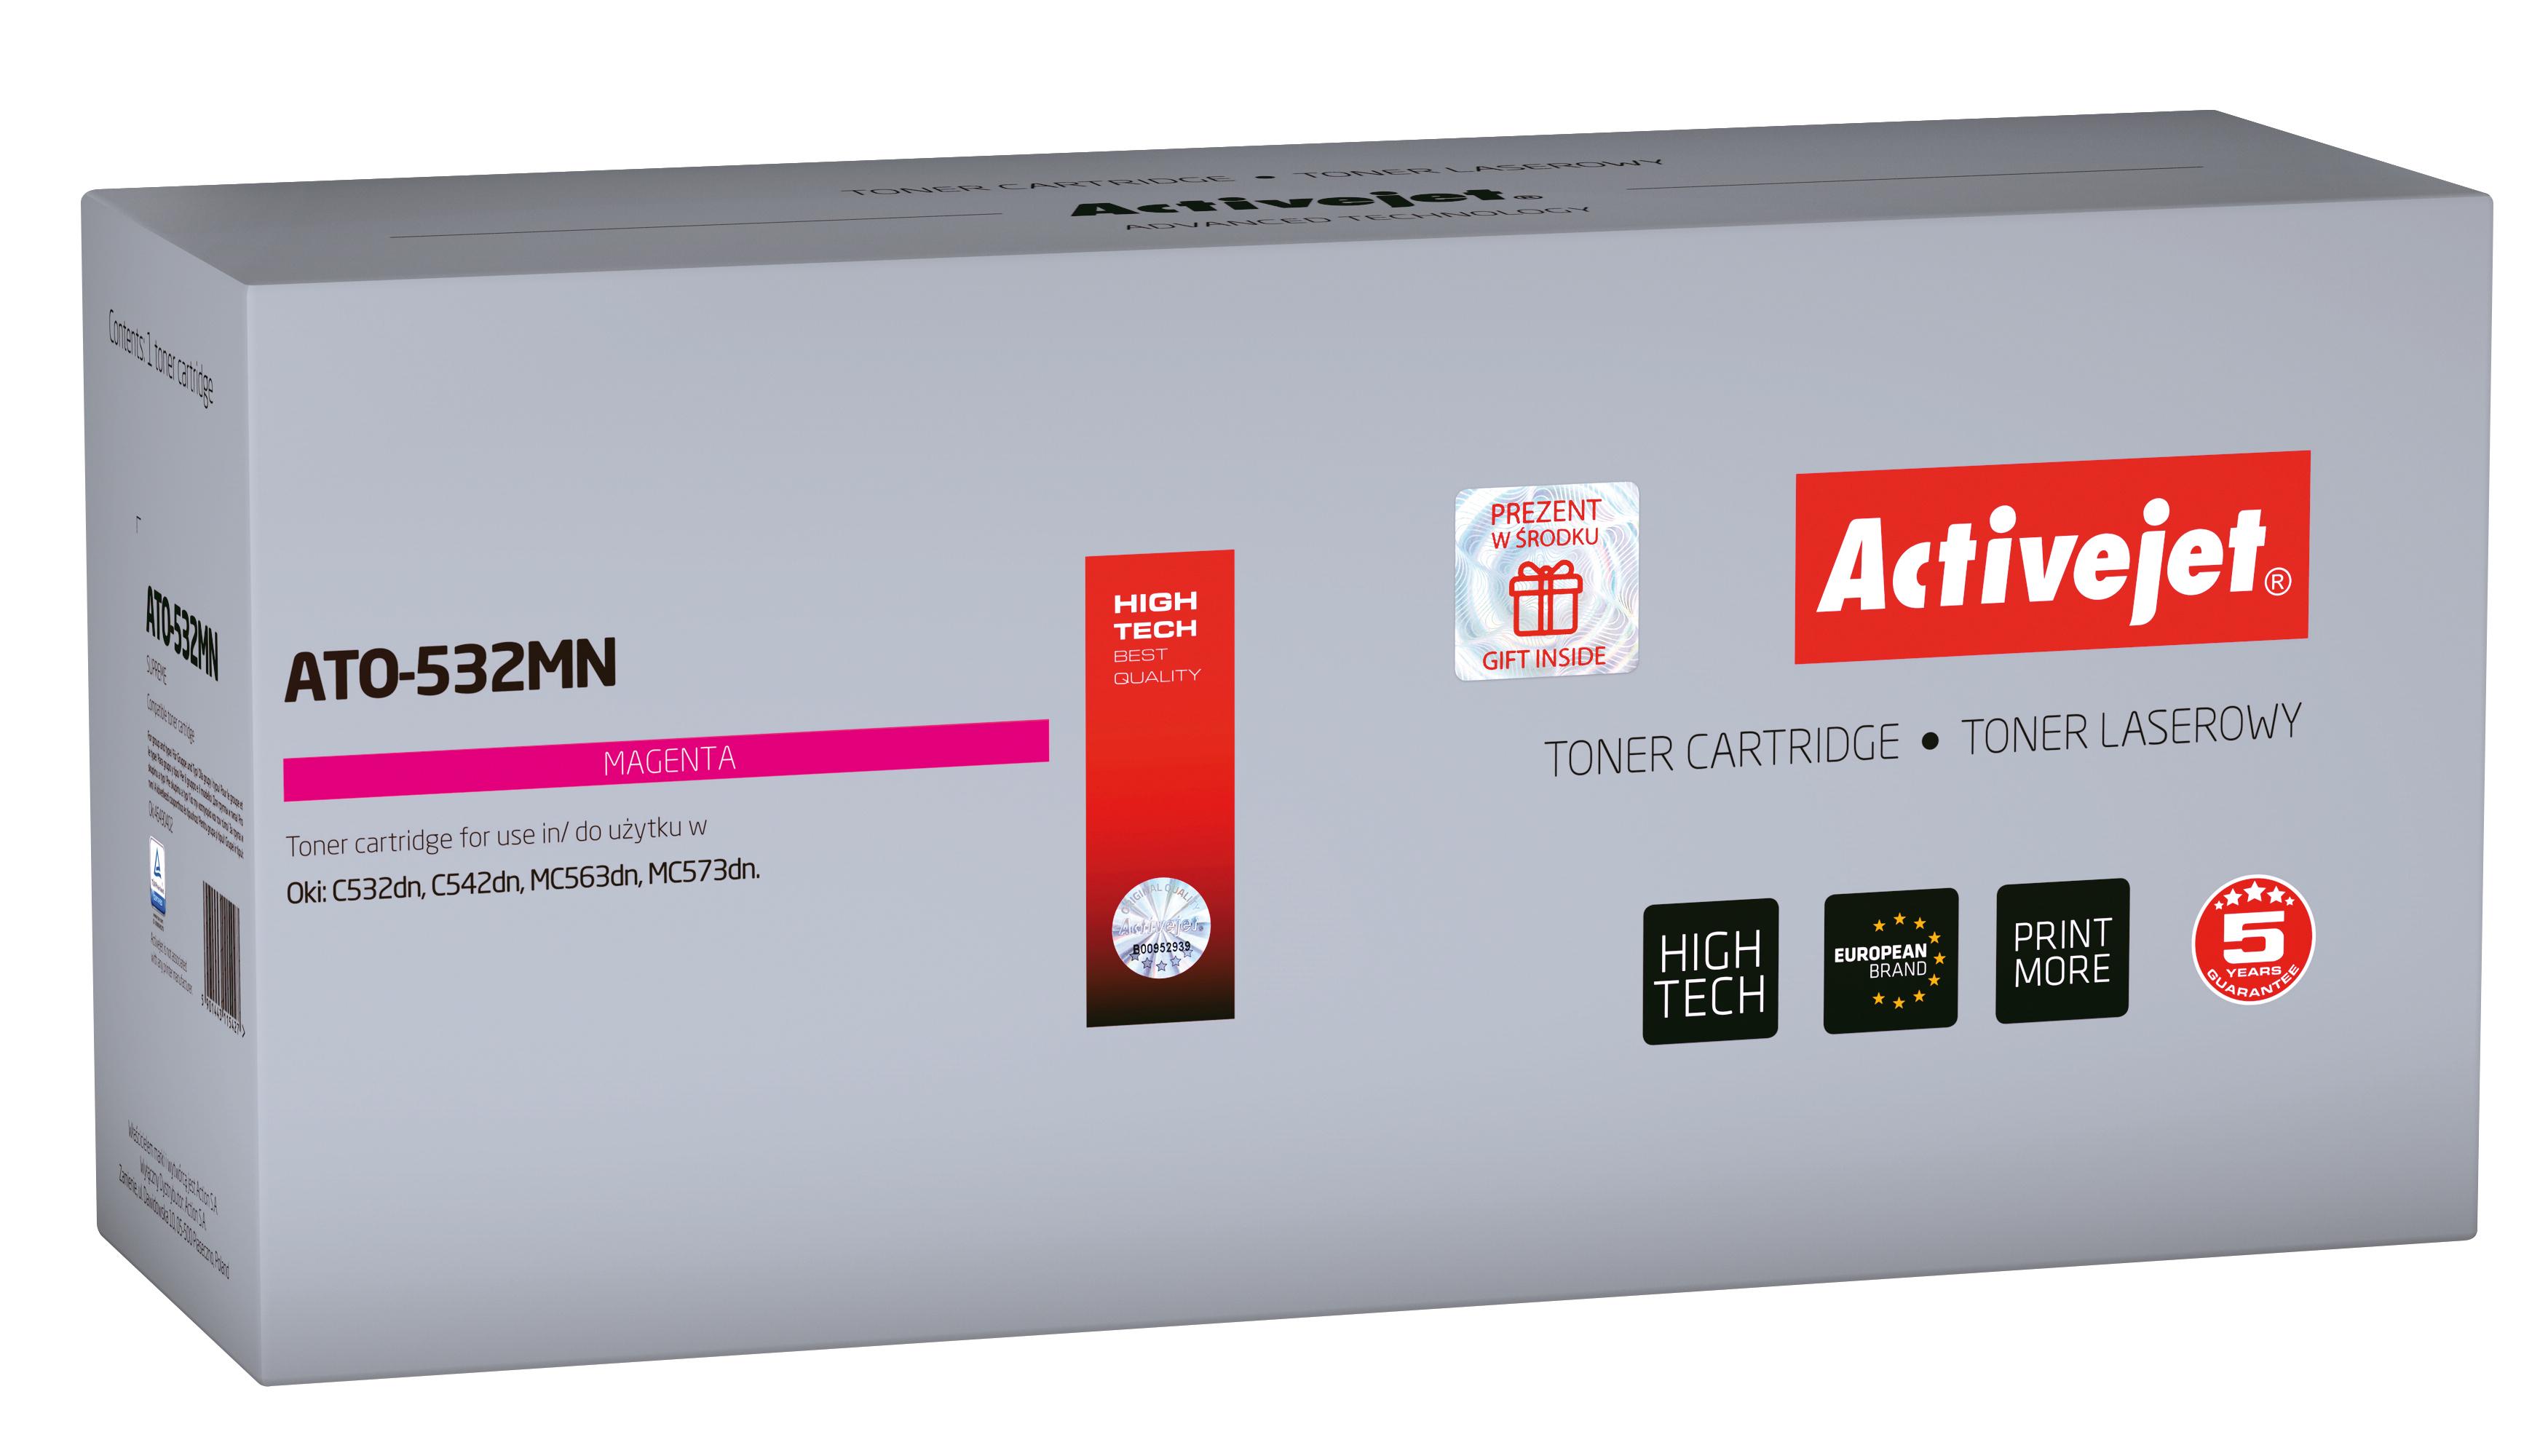 Toner Activejet  ATO-532MN do drukarki OKI, Zamiennik OKI 46490402; Supreme; 1500 stron; Purpurowy.